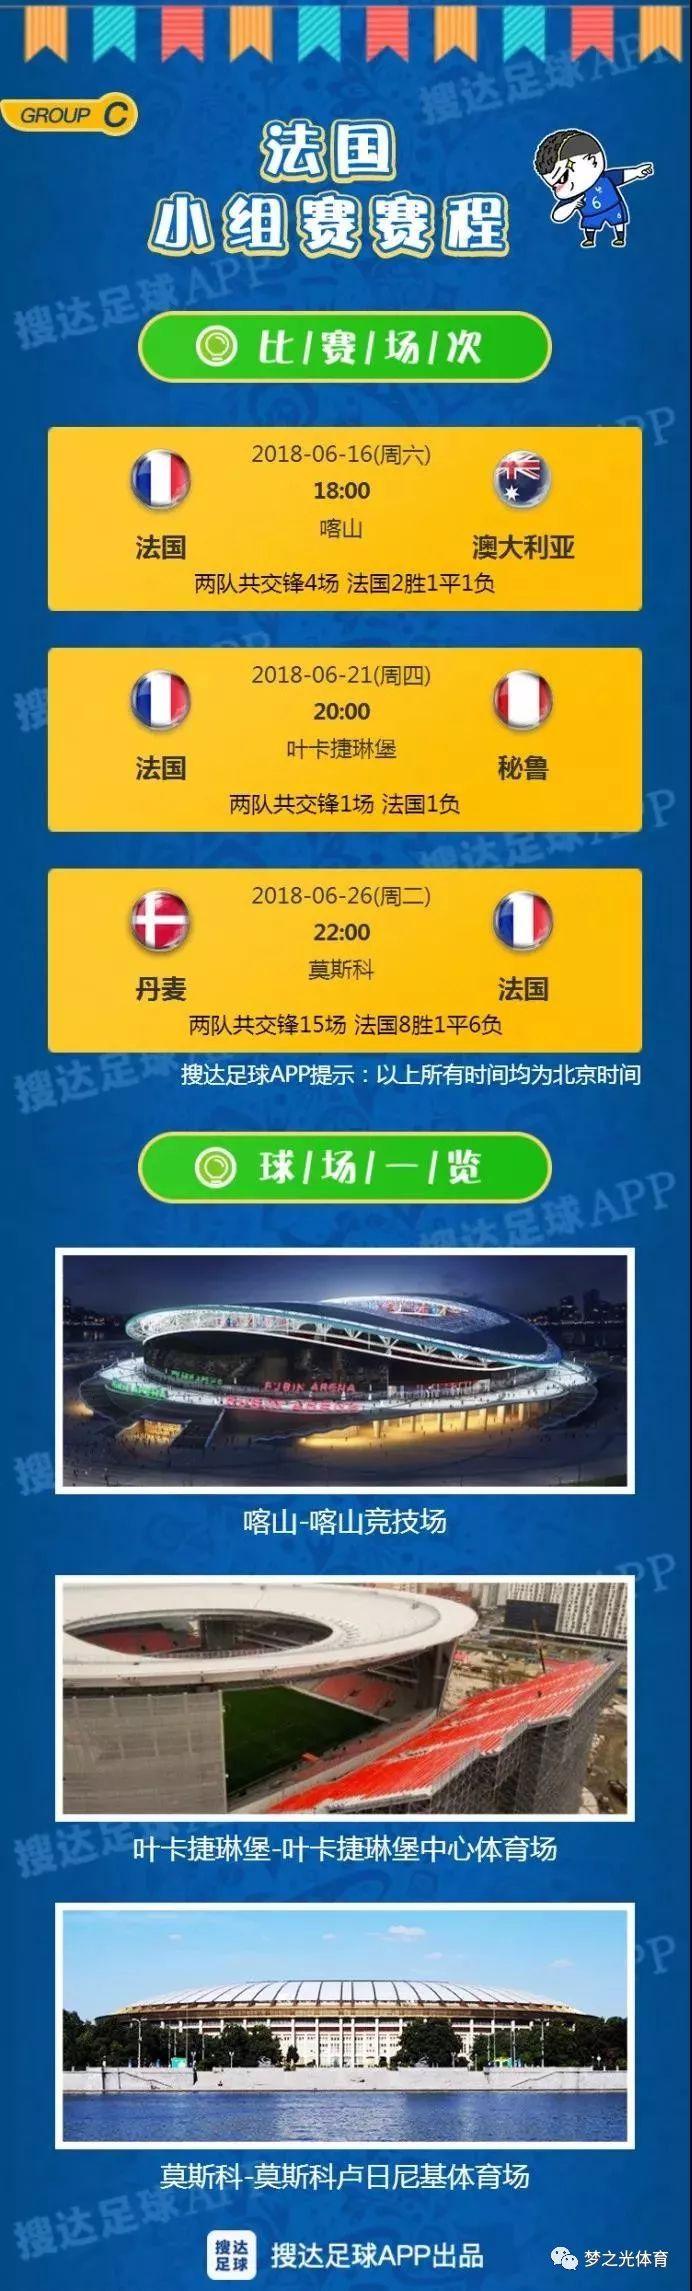 世界杯2018赛程表曝光 俄罗斯队将与沙特队将进行揭幕